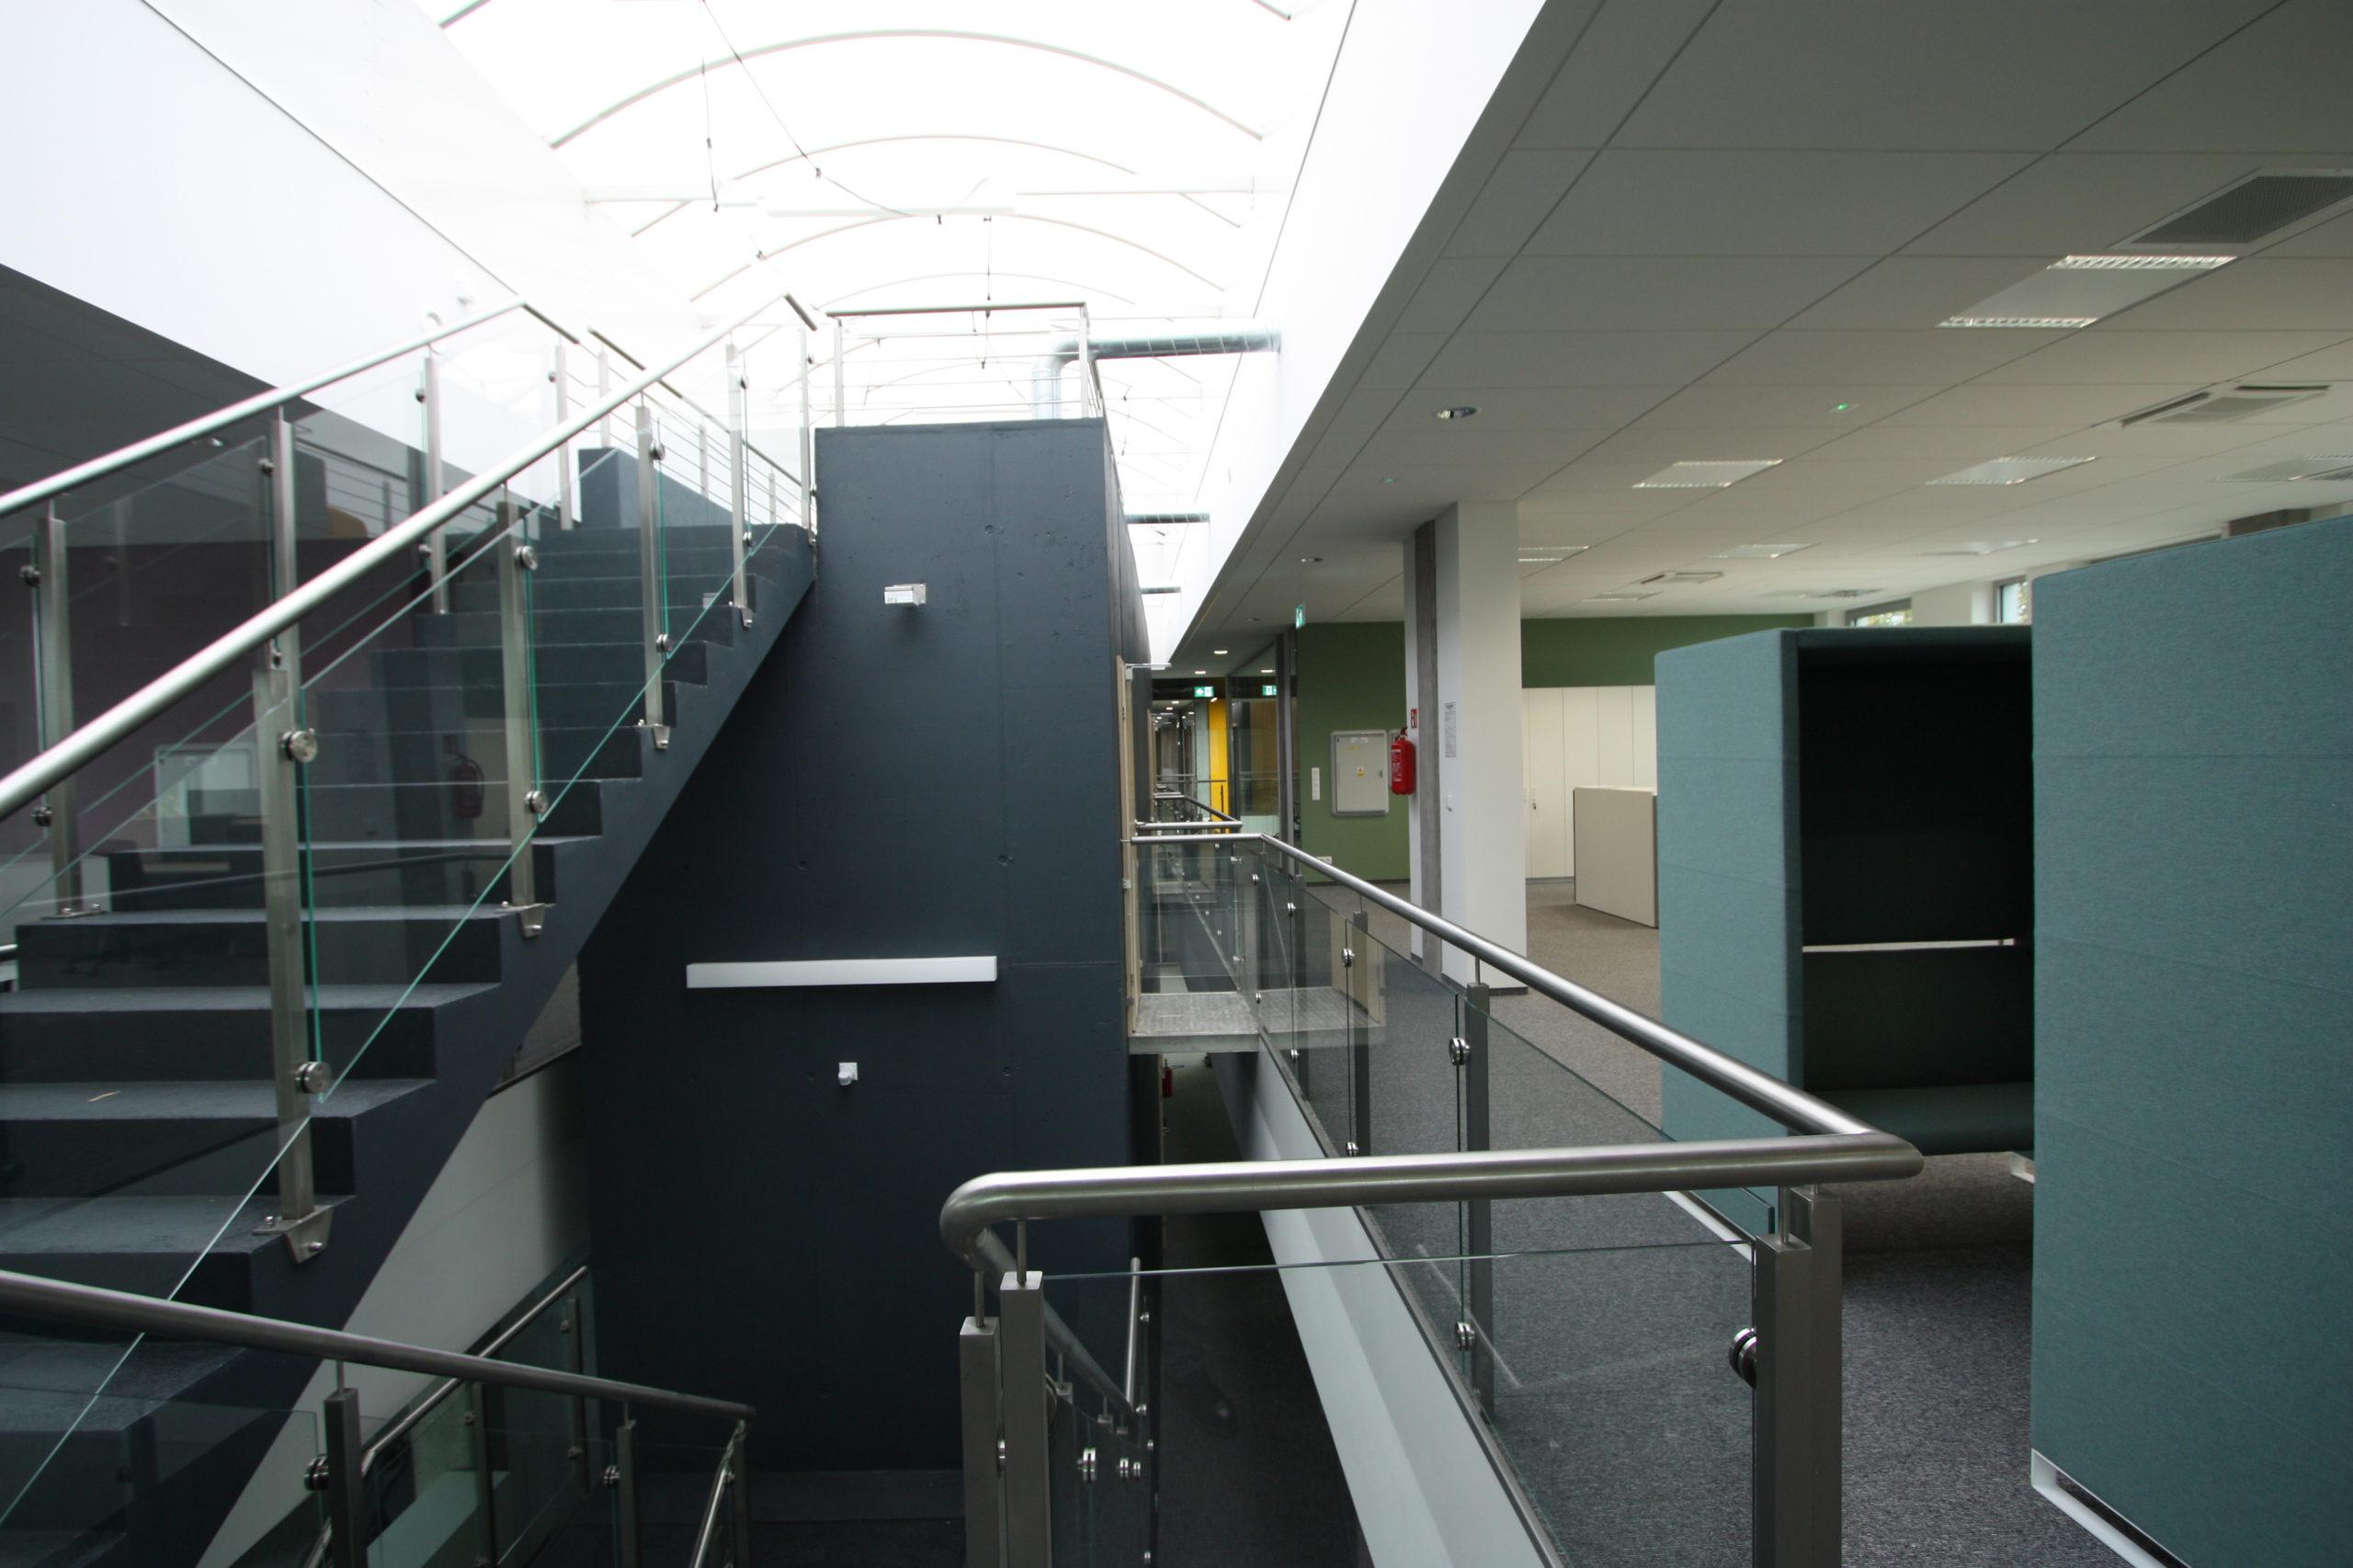 bergerat monnoyeur, budynek biurowo-serwisowy, caterpillar, 2015, schody, dekontruktywizm